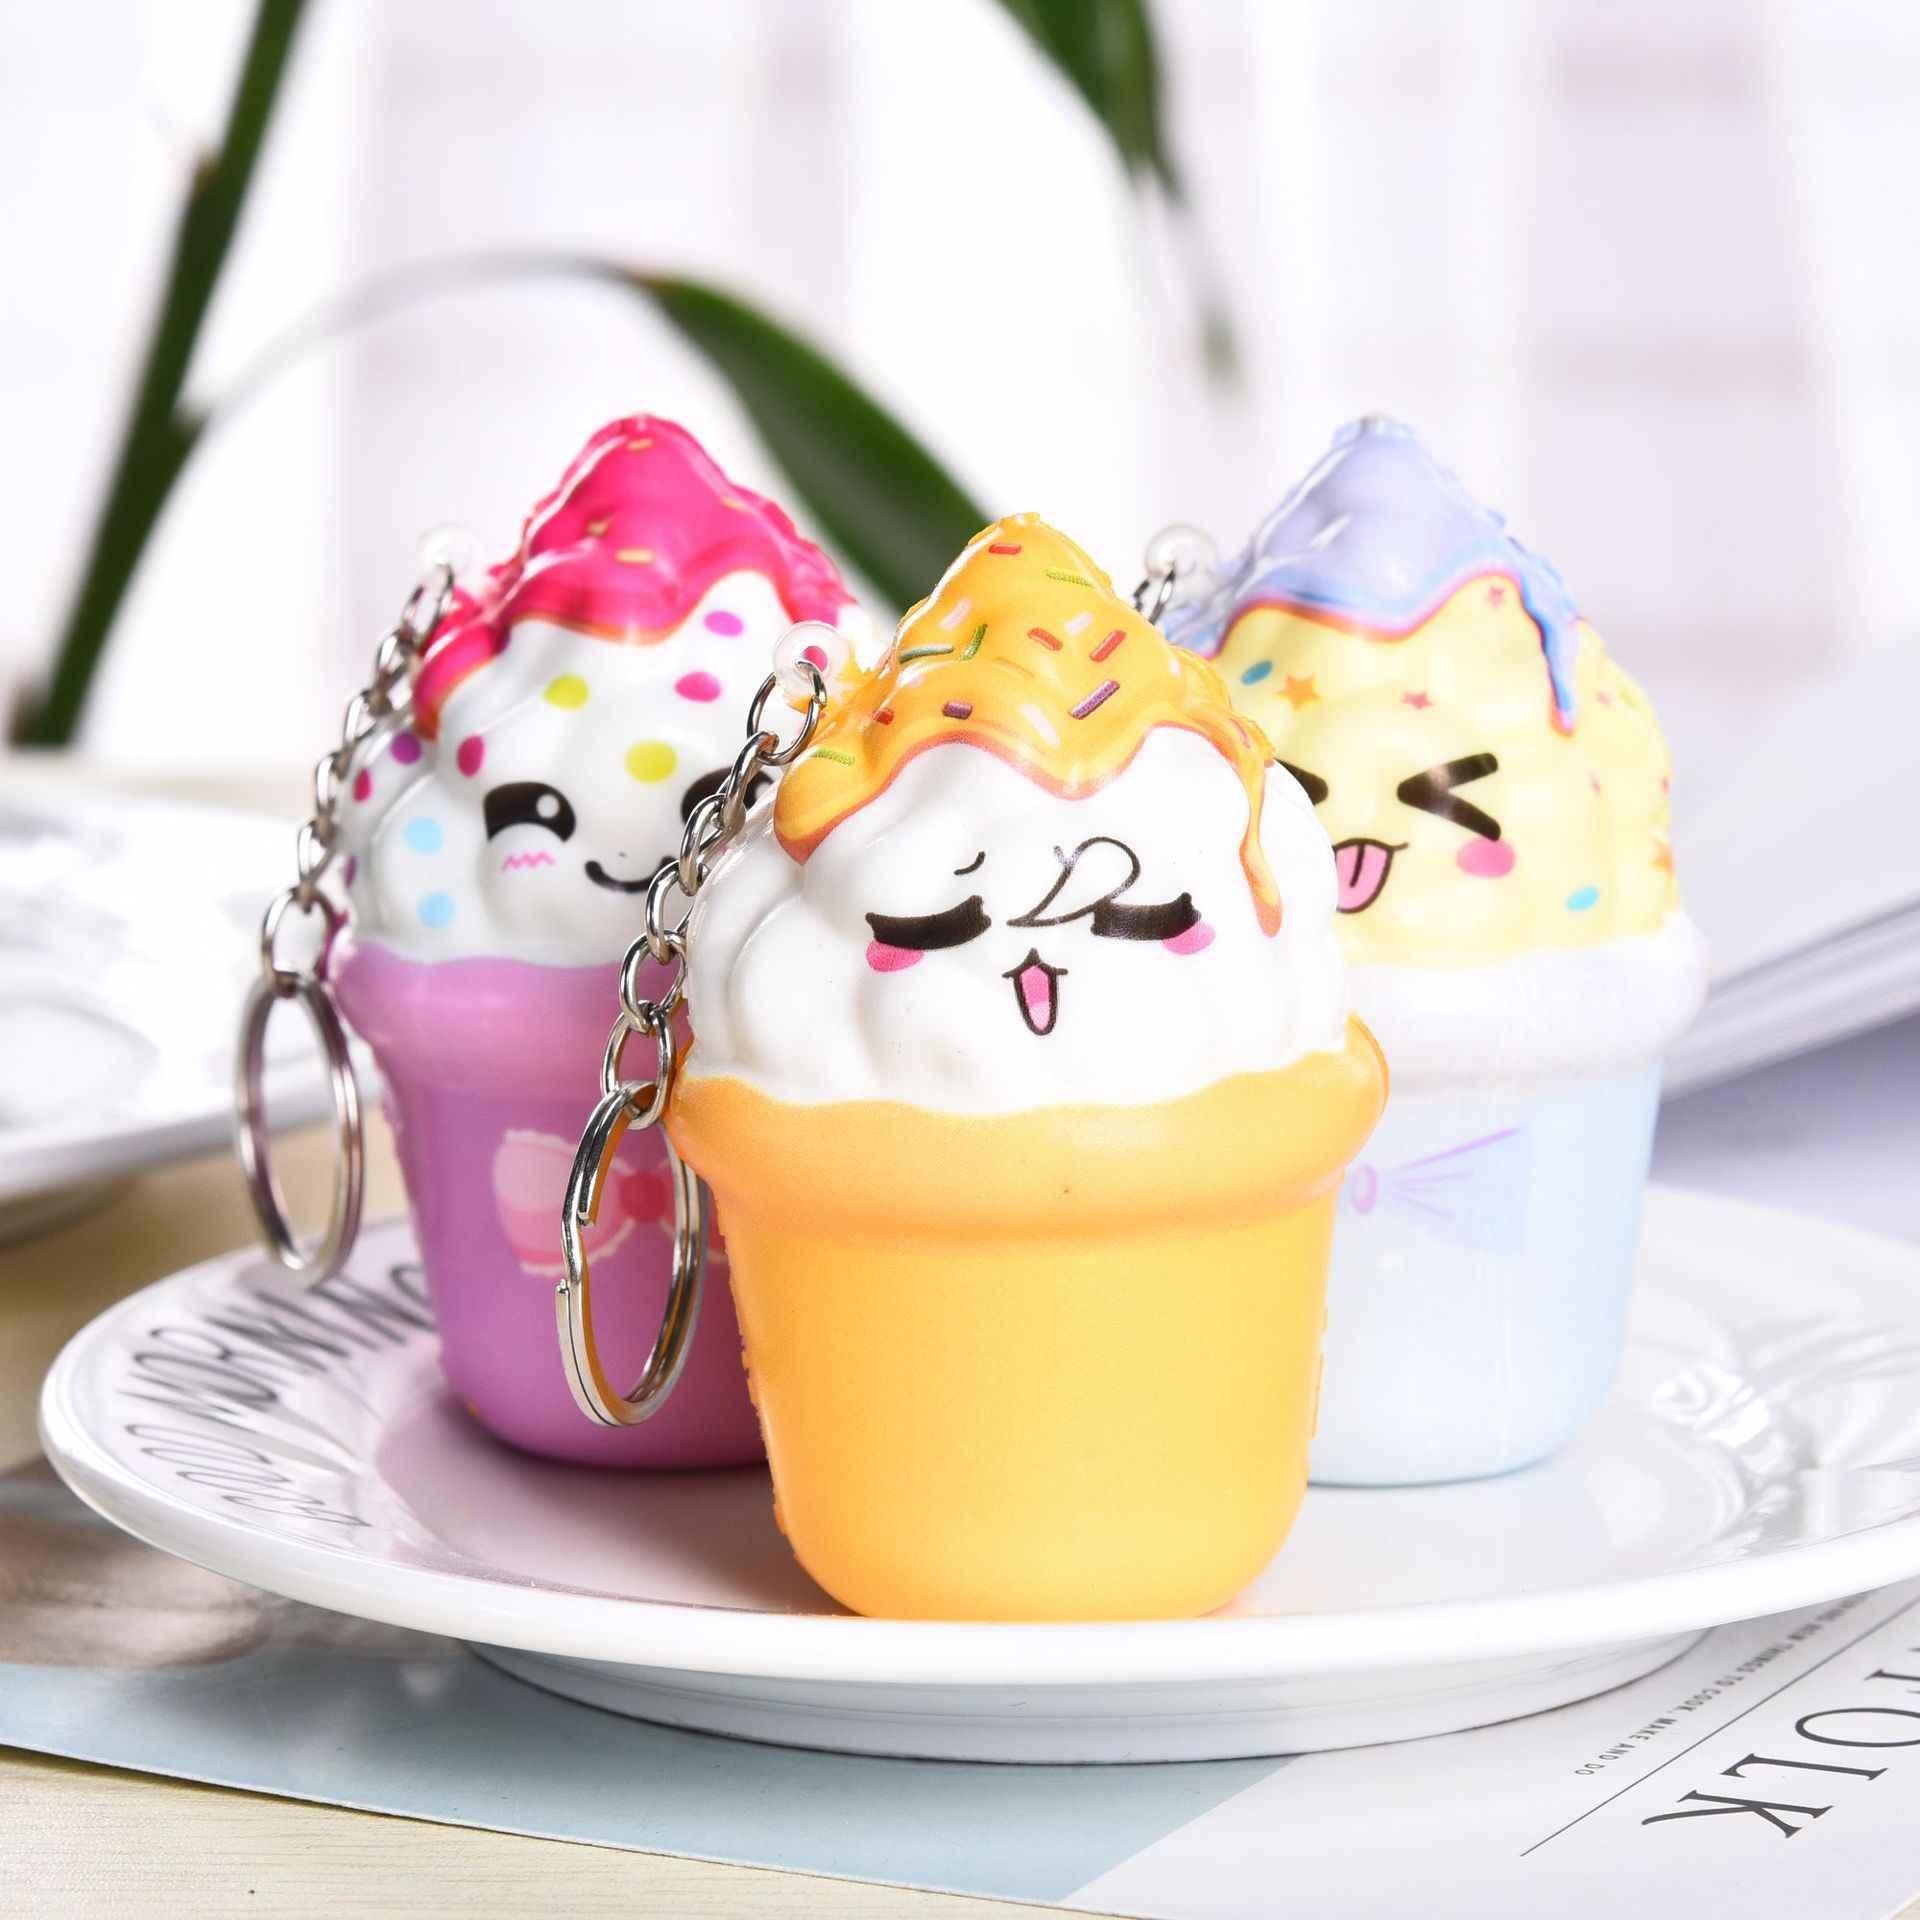 PU imitacja jedzenia powolne powracanie do kształtu brelok zawieszka zabawka dekompresyjna zabawka dziecięca zabawki domowe